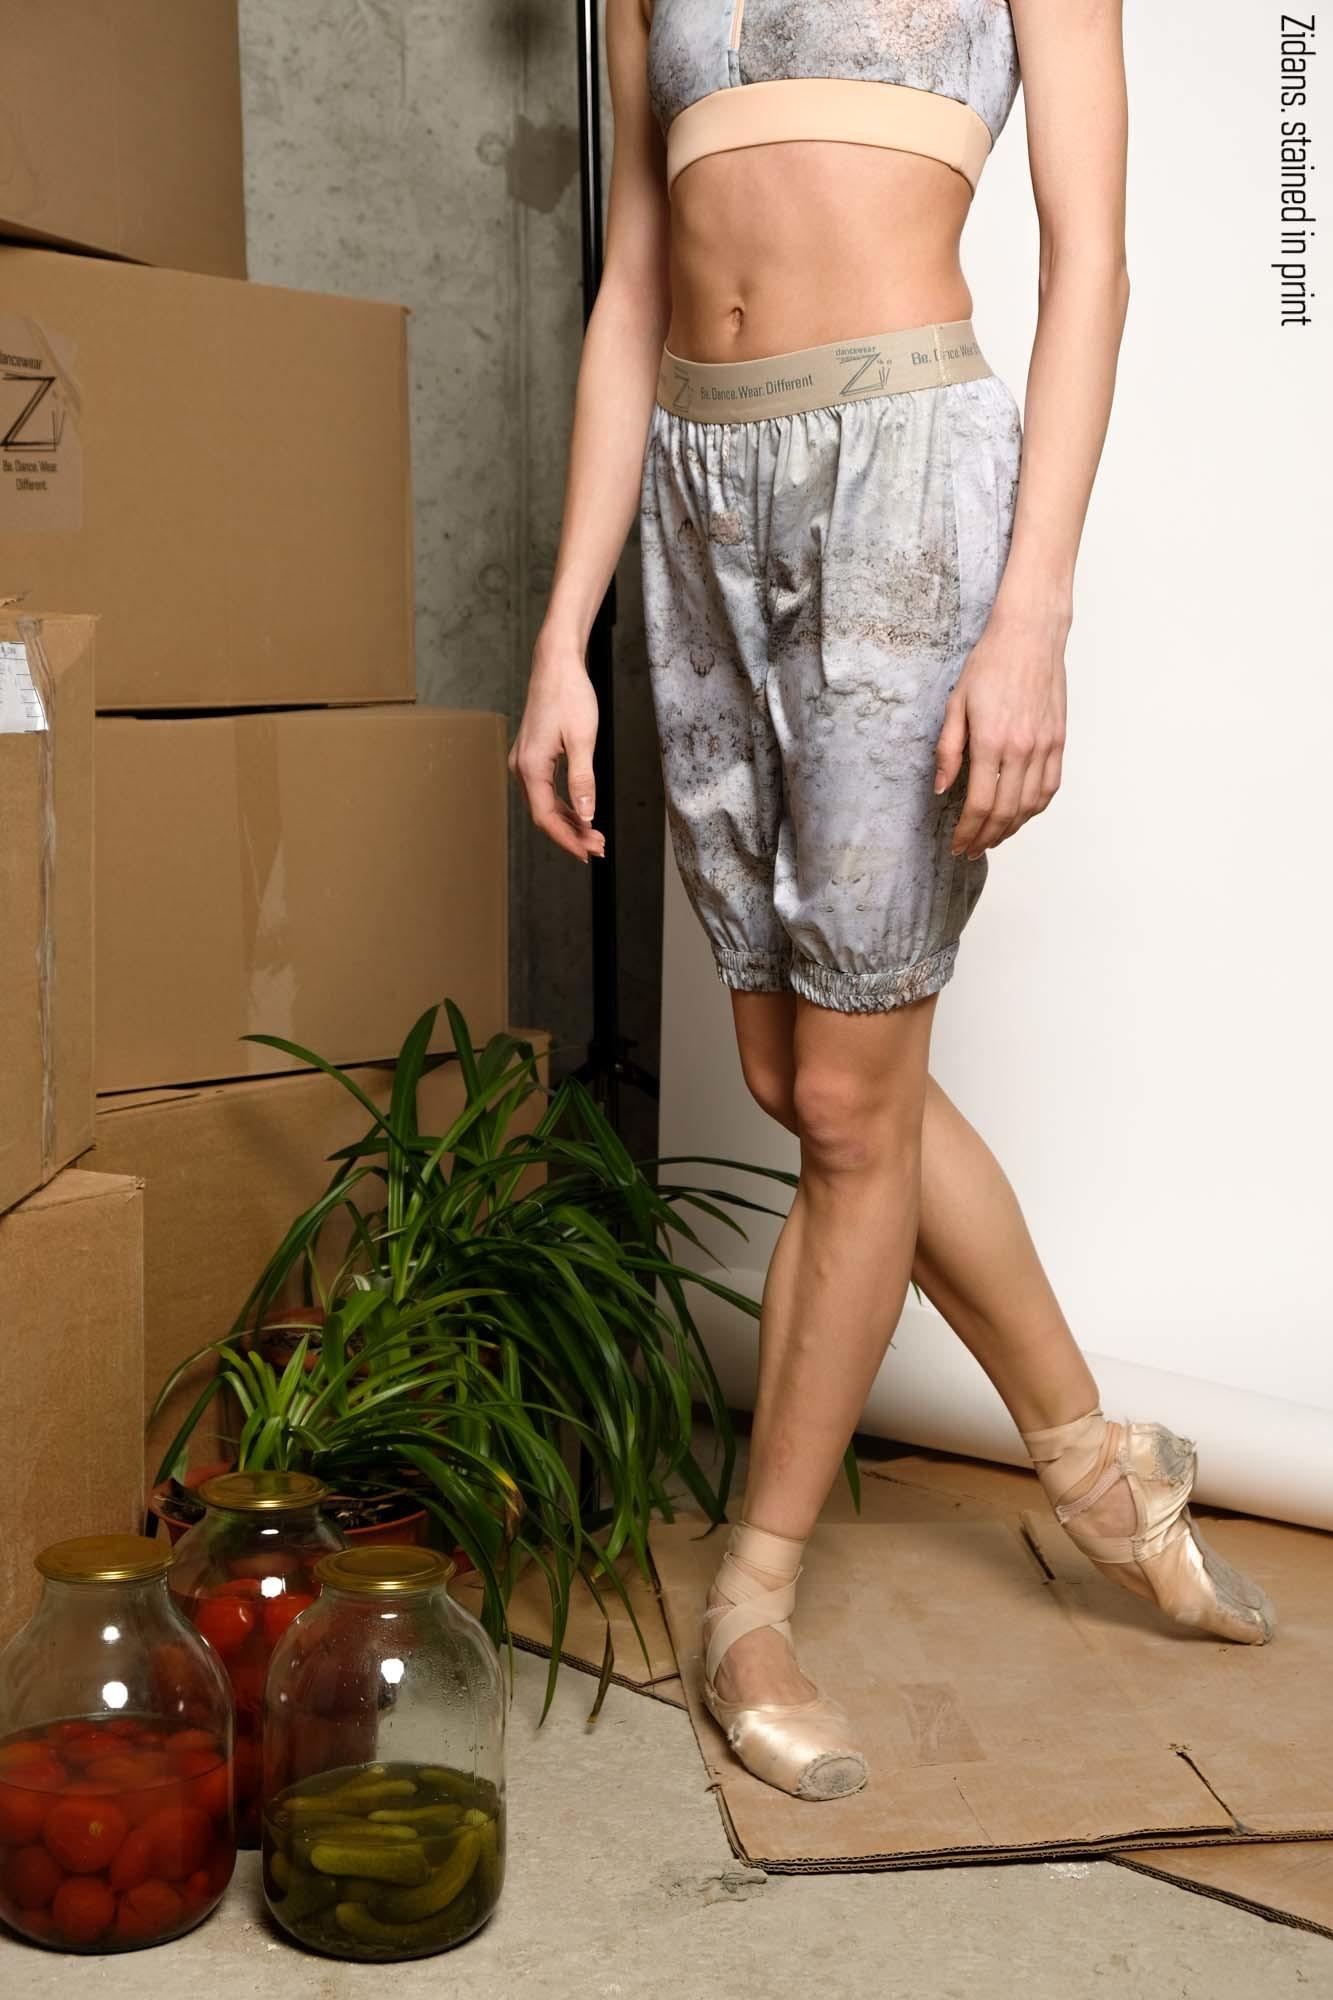 Удлинённые шорты-сауна, испачканные принтом |  нежная_грязь